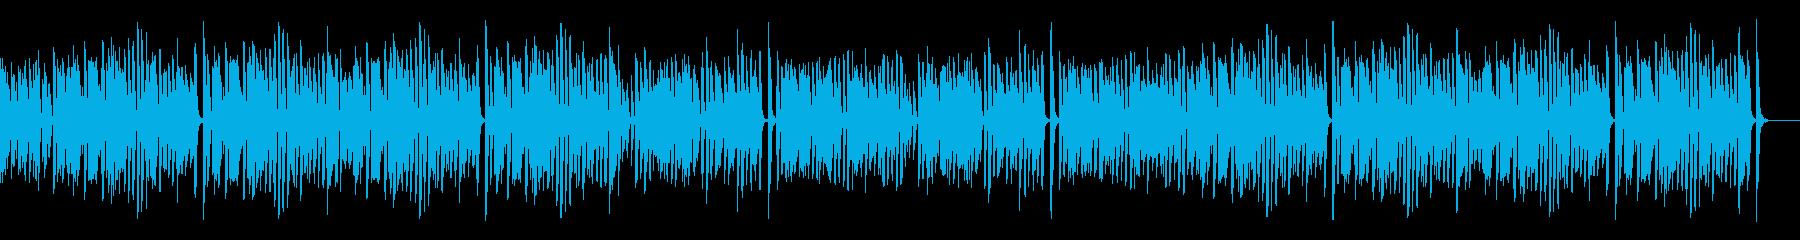 レトロでお洒落なオールドジャズピアノ名曲の再生済みの波形